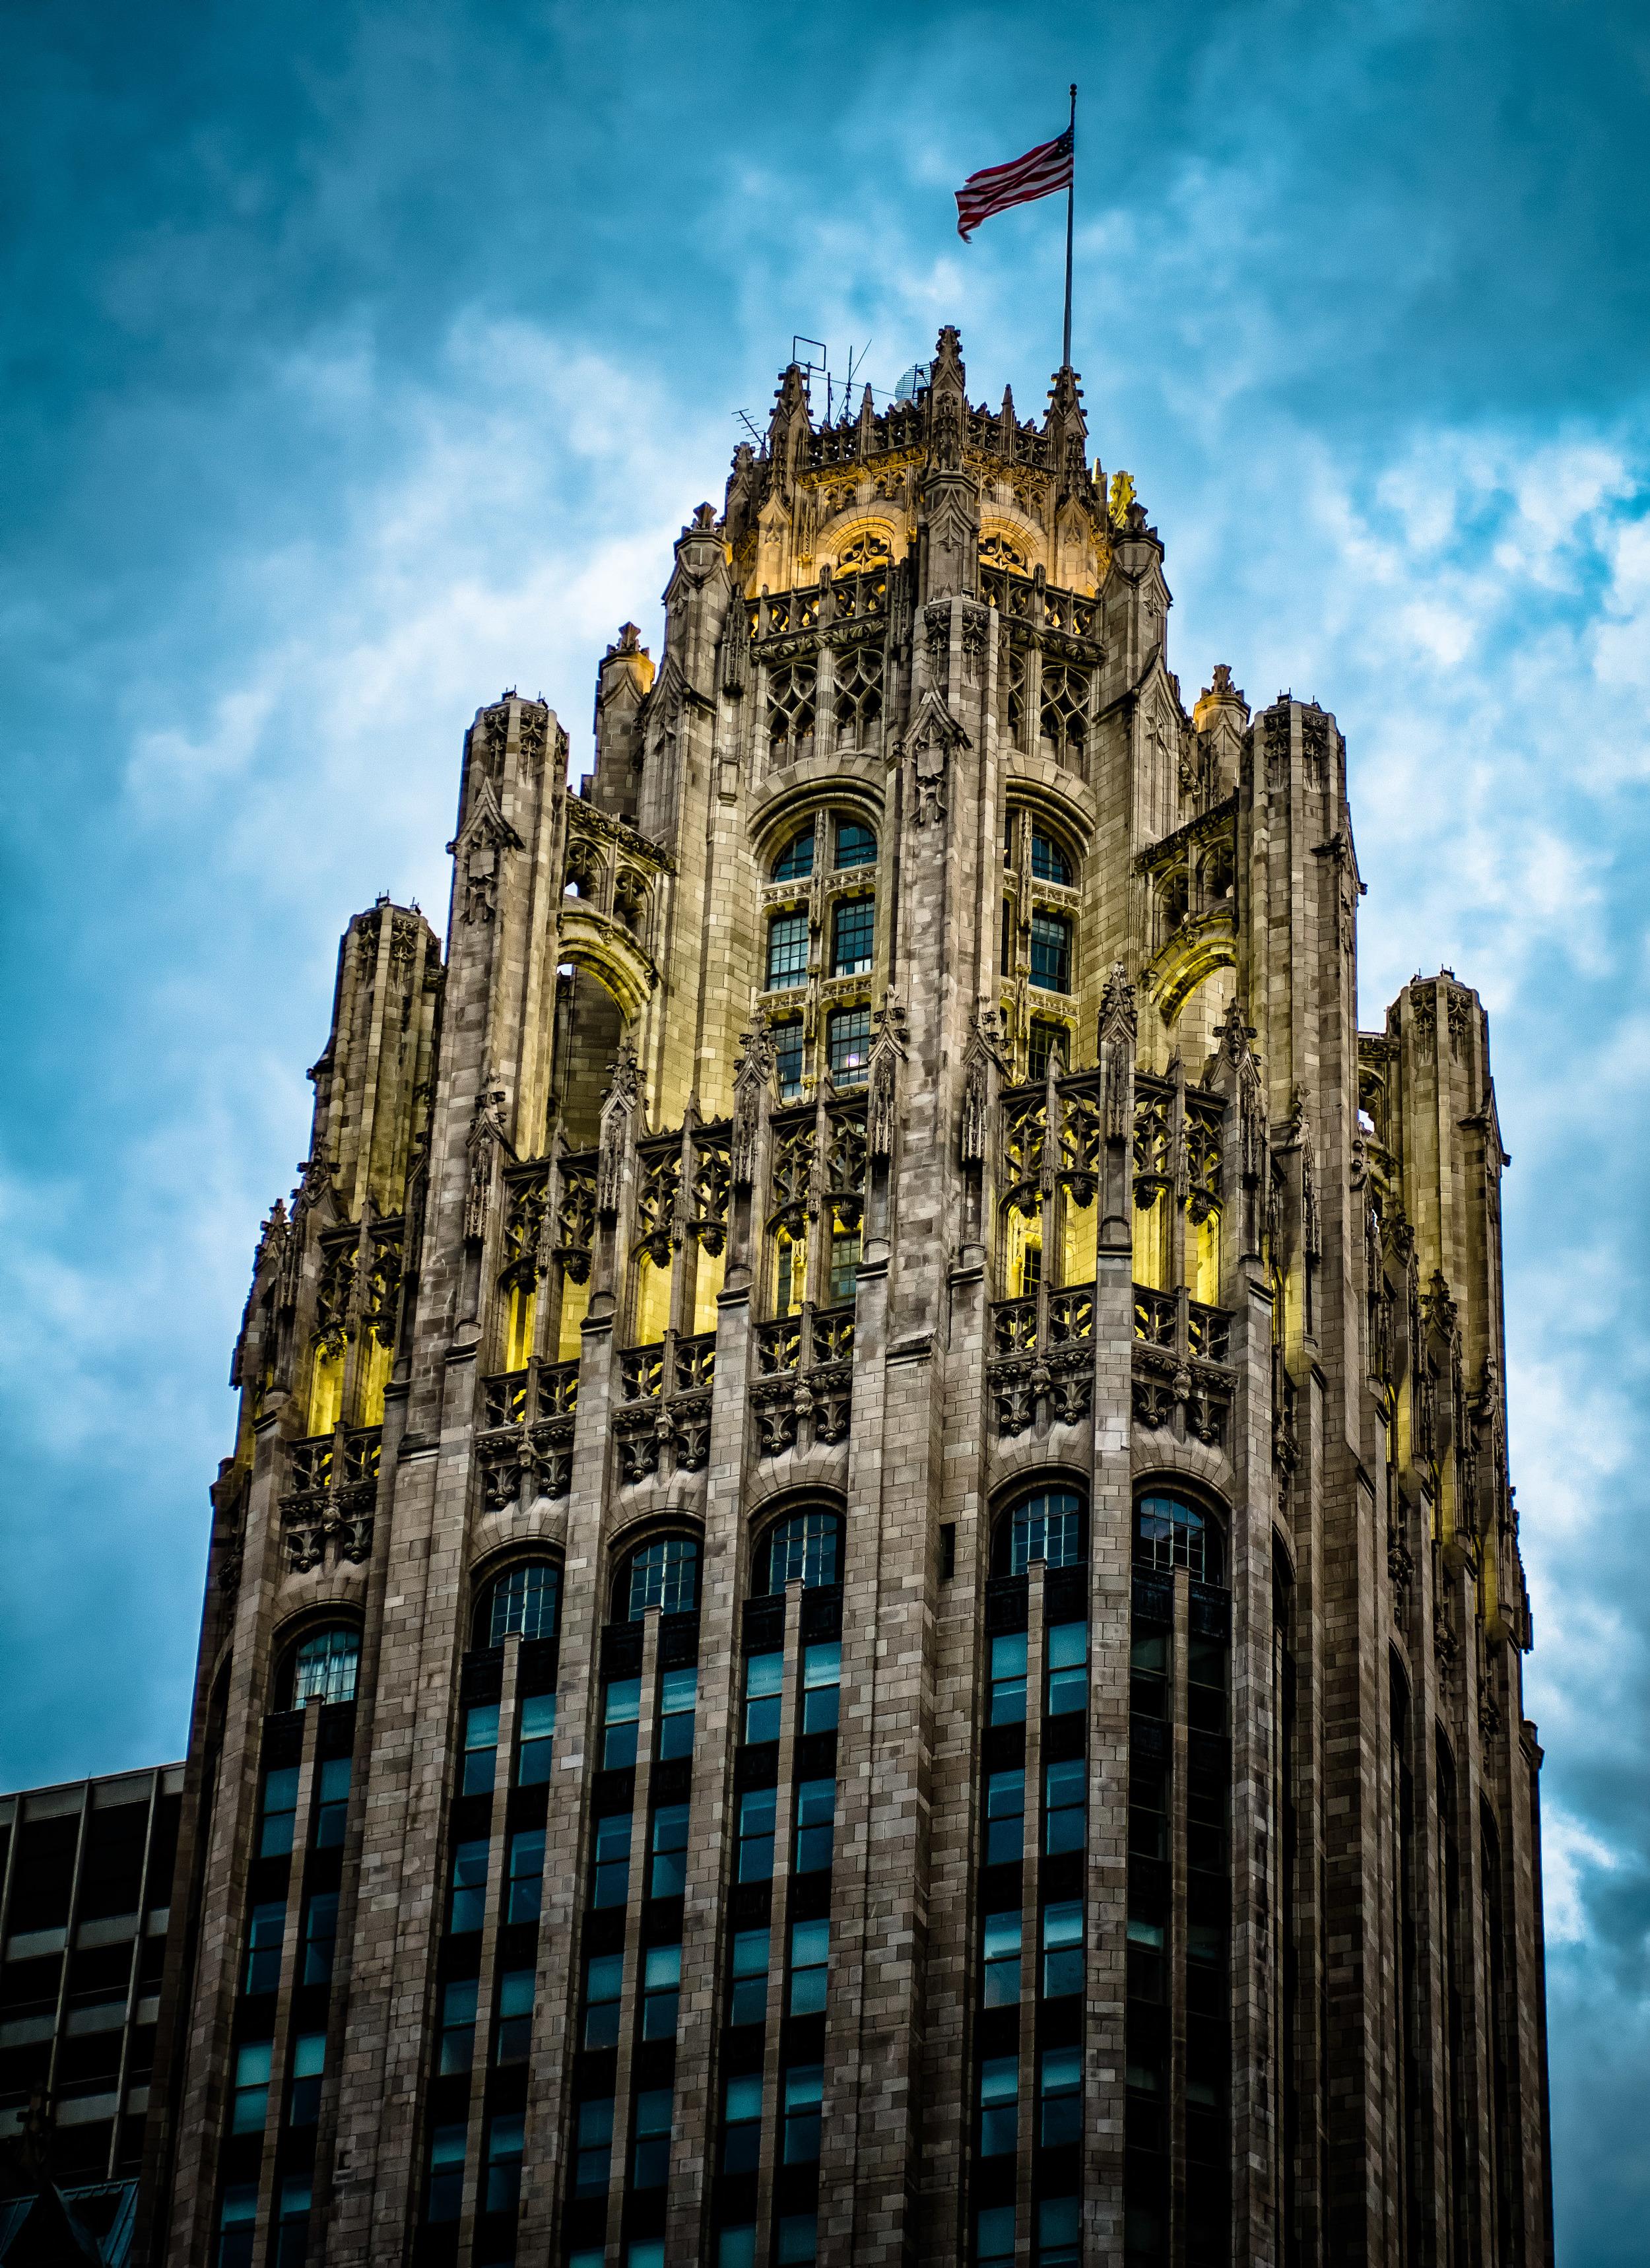 20120603-20120603-1206_Chicago_1471.jpg